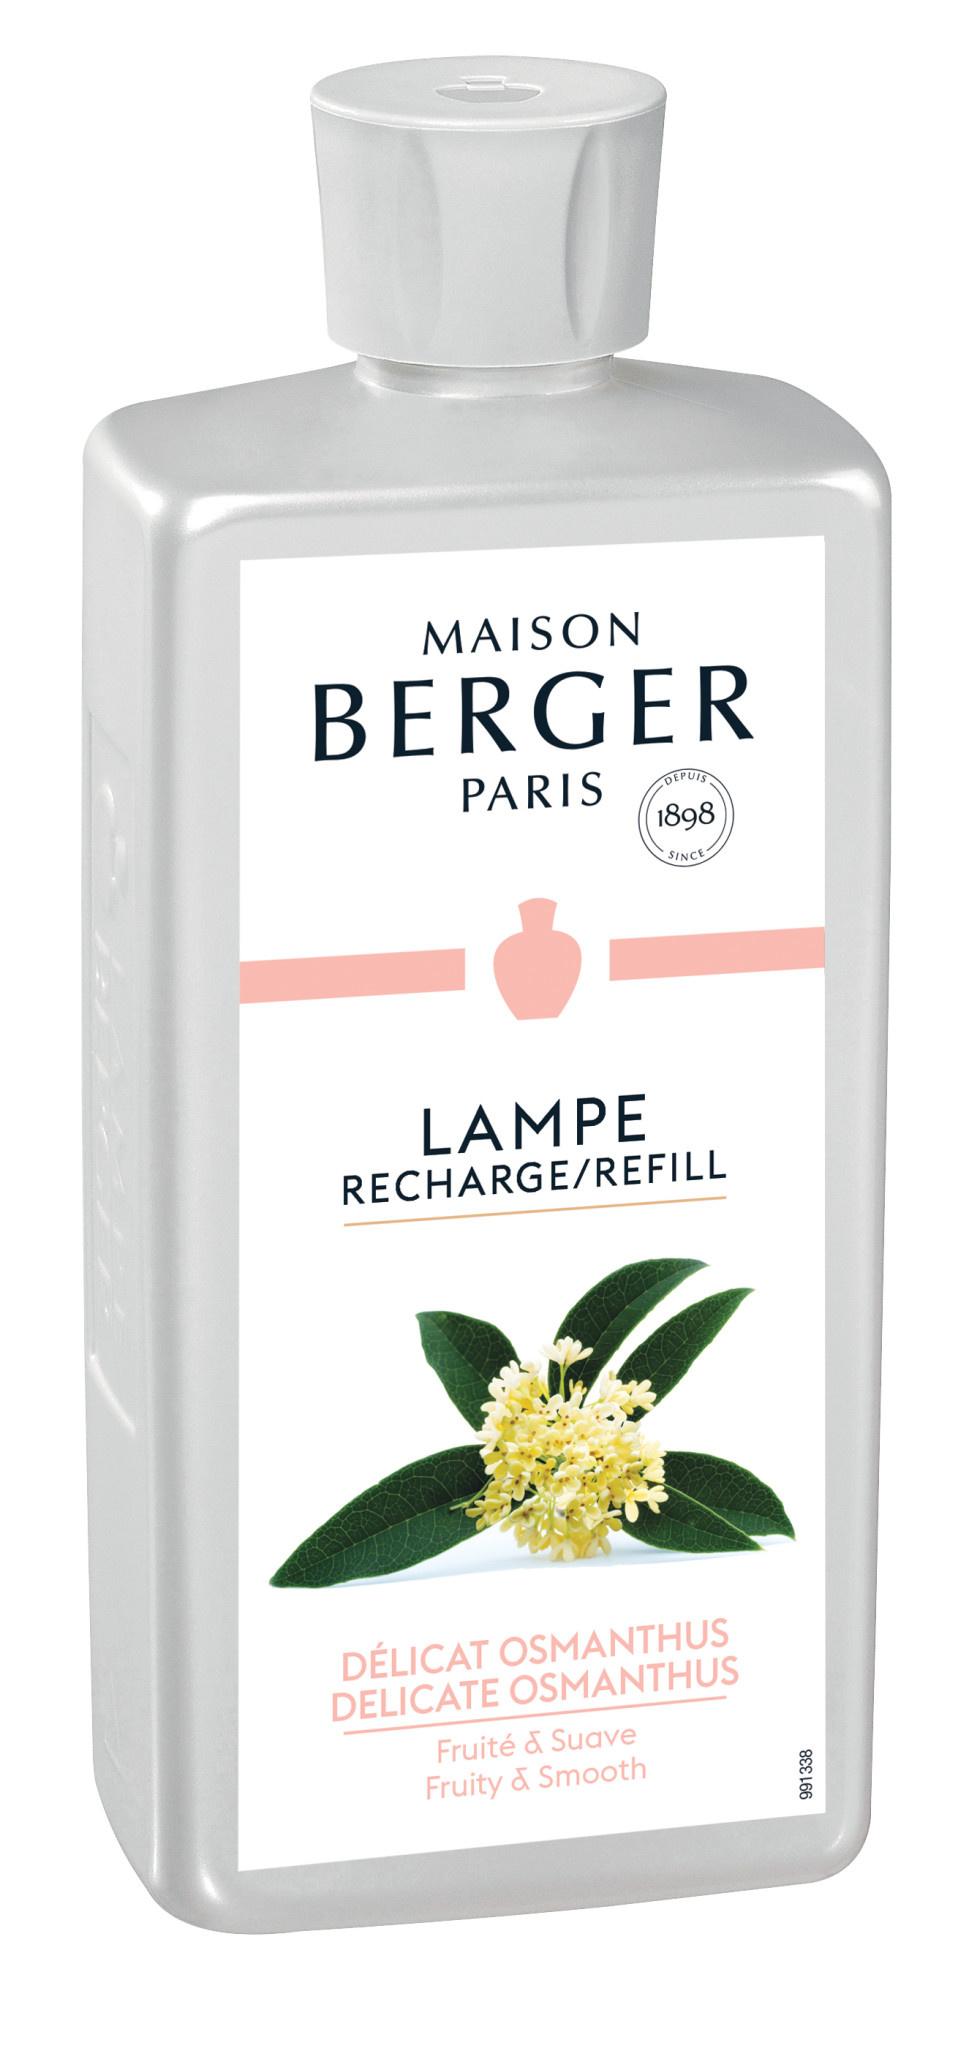 Maison Berger Delicate Osmanthus 500ml